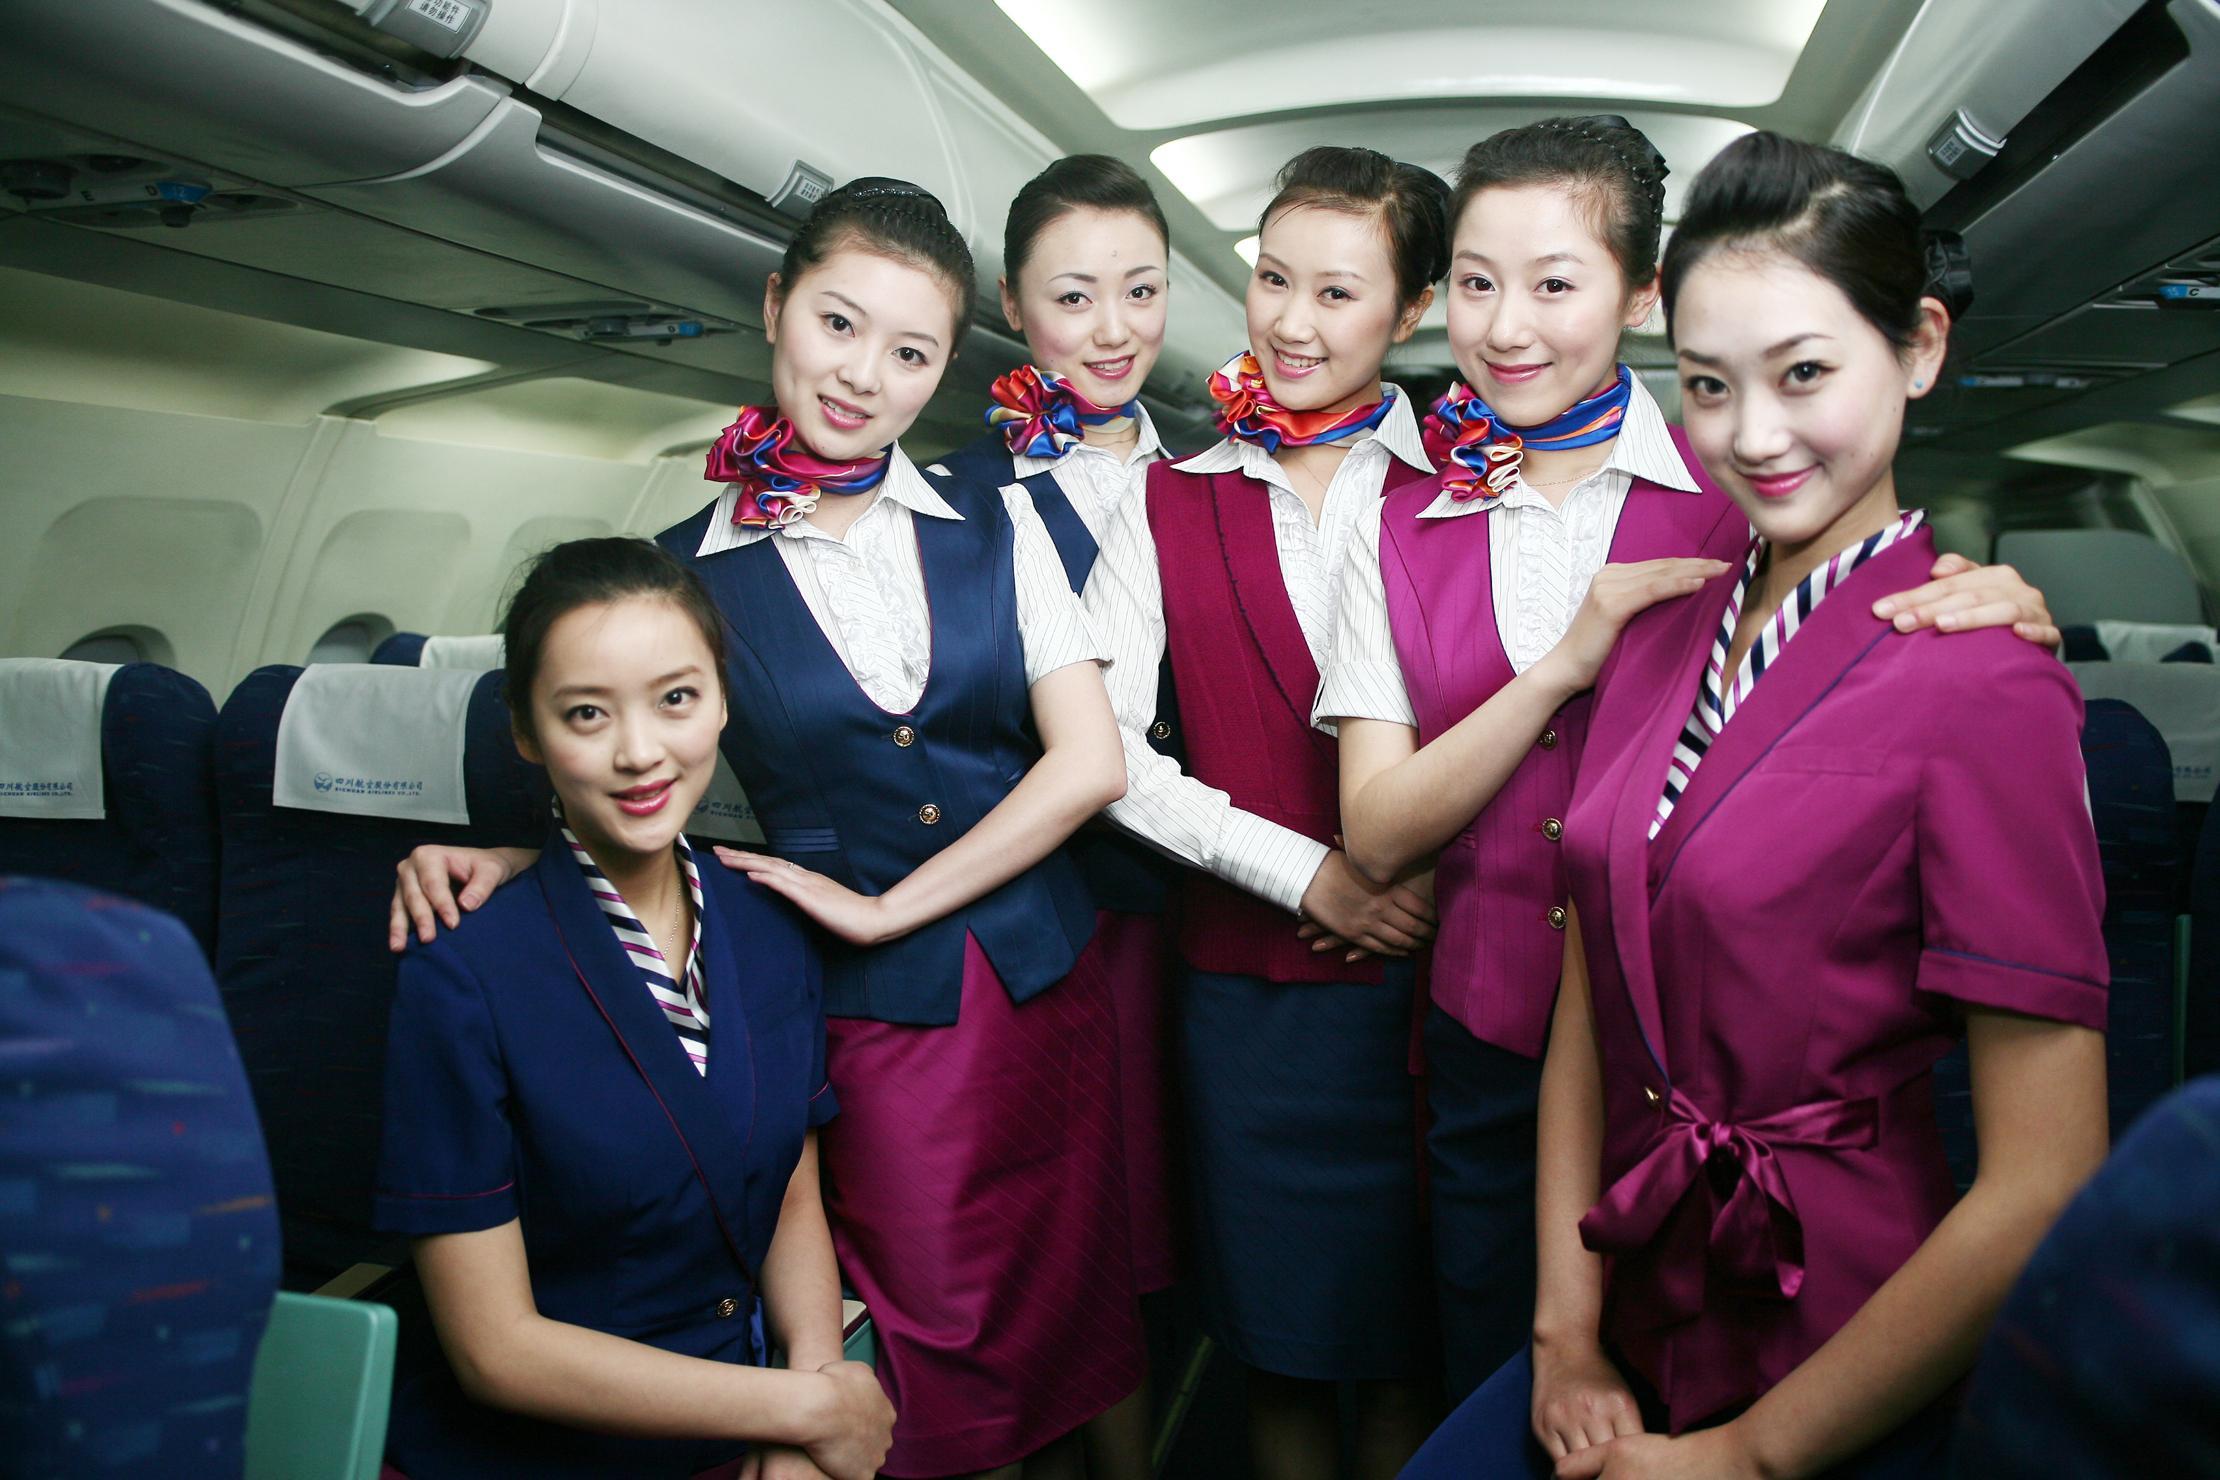 空姐频遭污名化的背后 她们在怕什么图片